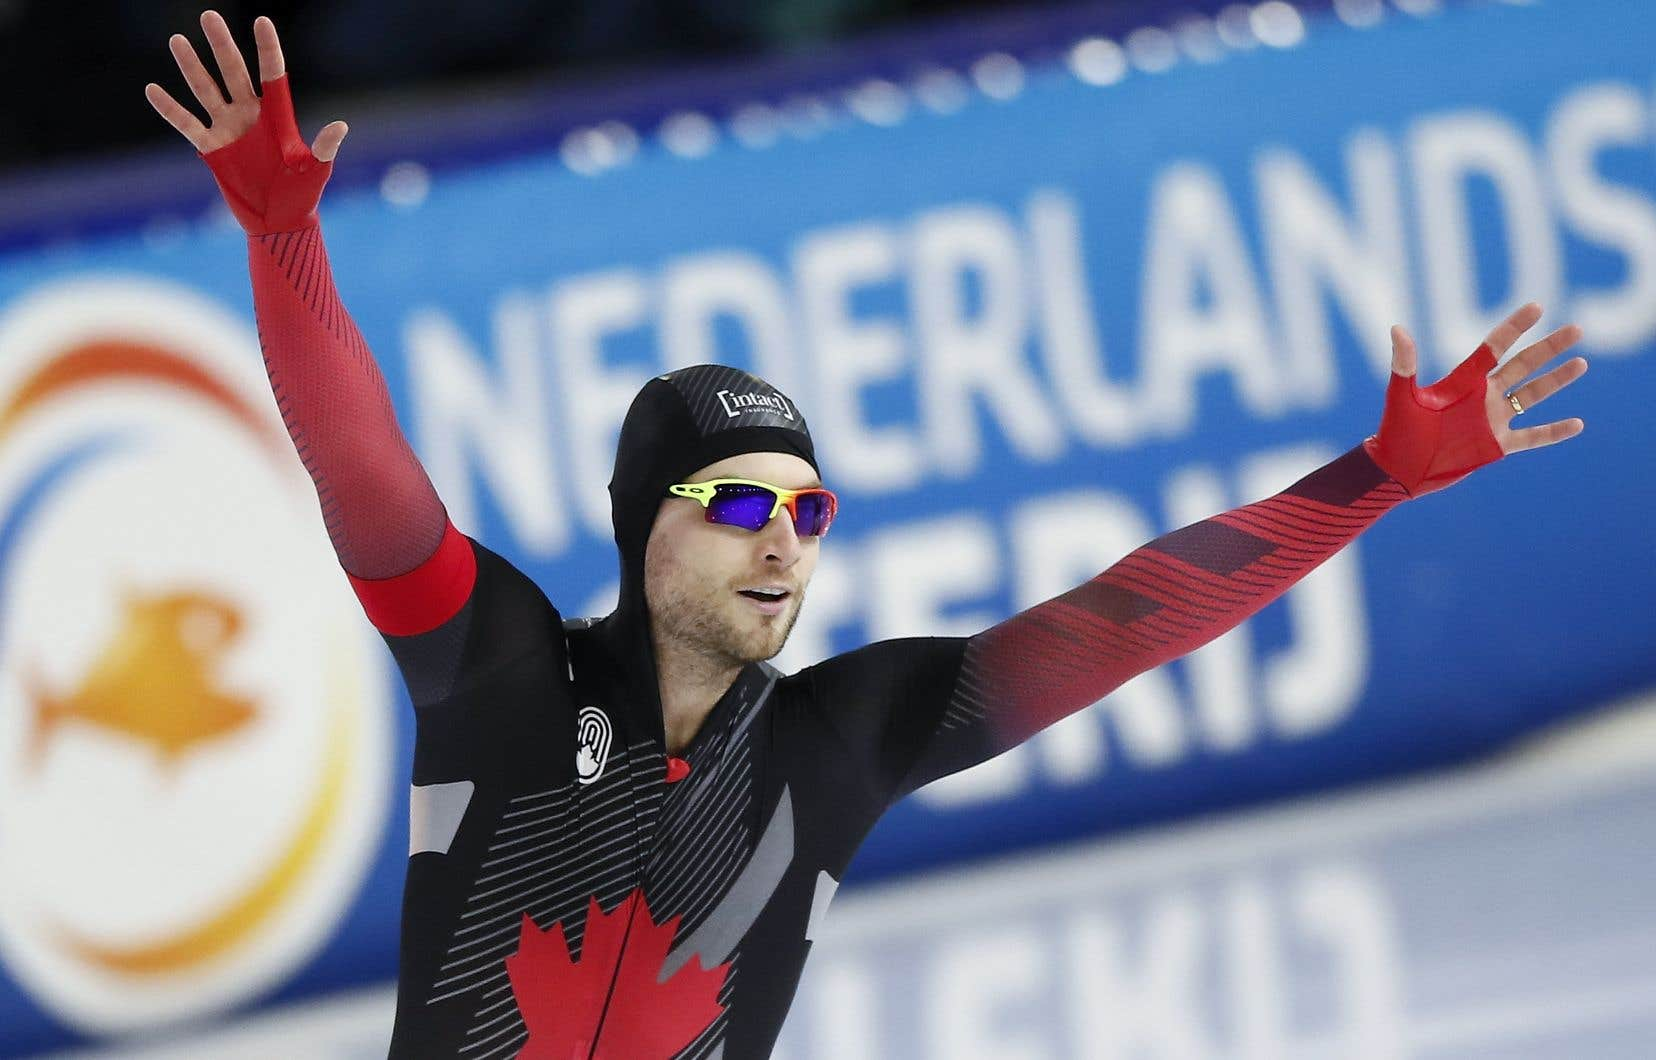 Laurent Dubreuil devientle premier Canadien à gagner un titre mondial au 500 mètres depuis Jeremy Wotherspoon.